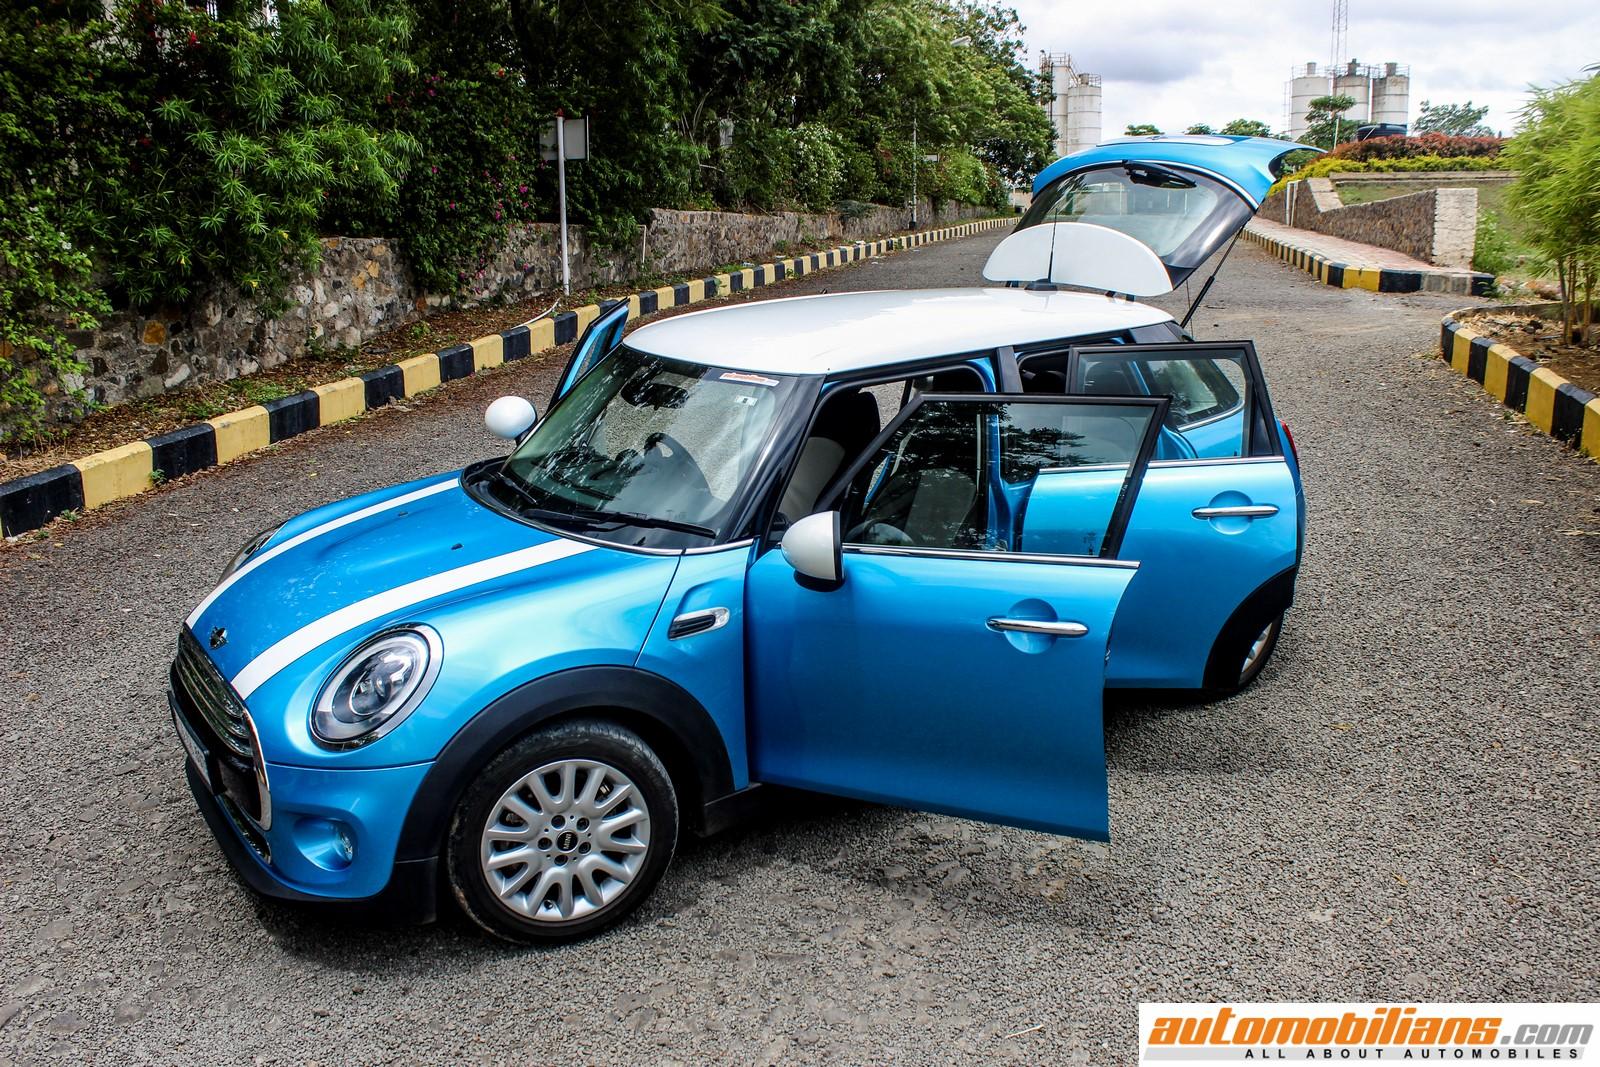 Mini cooper d 5 door hatch pictures - 2015 Mini Cooper D 5 Door Hardtop Exterior Test Drive Review Automobilians